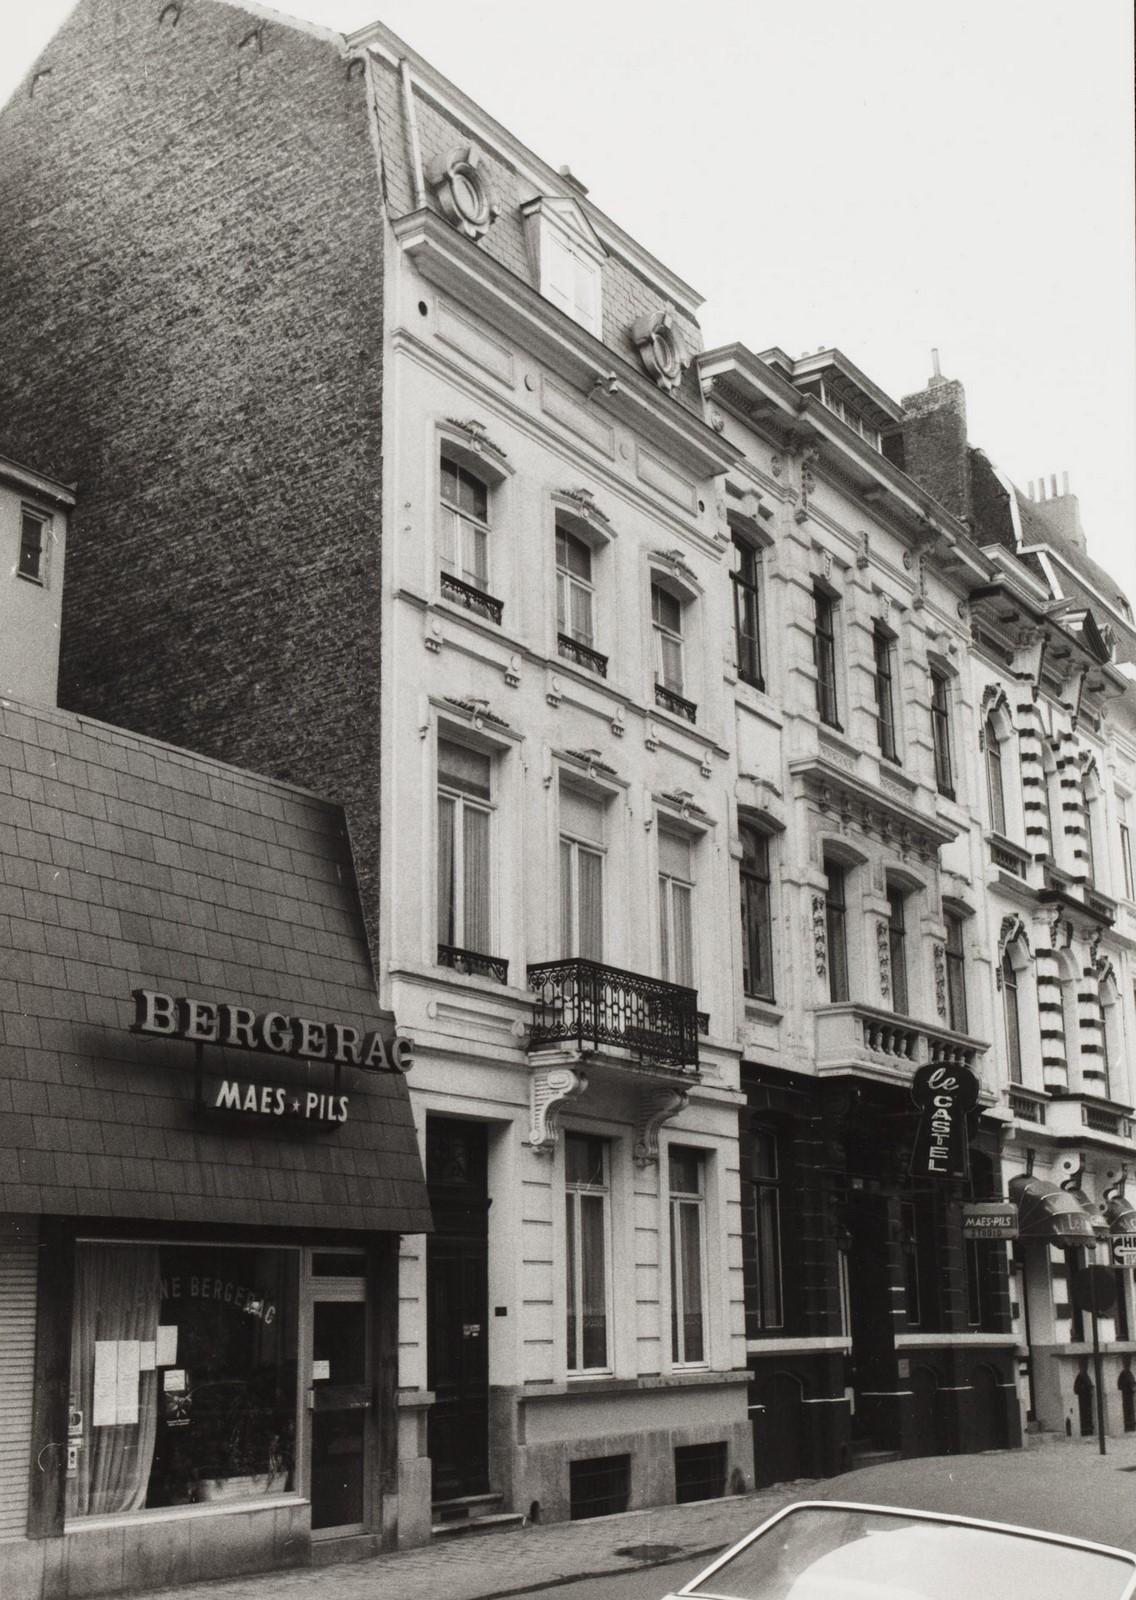 rue du Nord 32., 1981